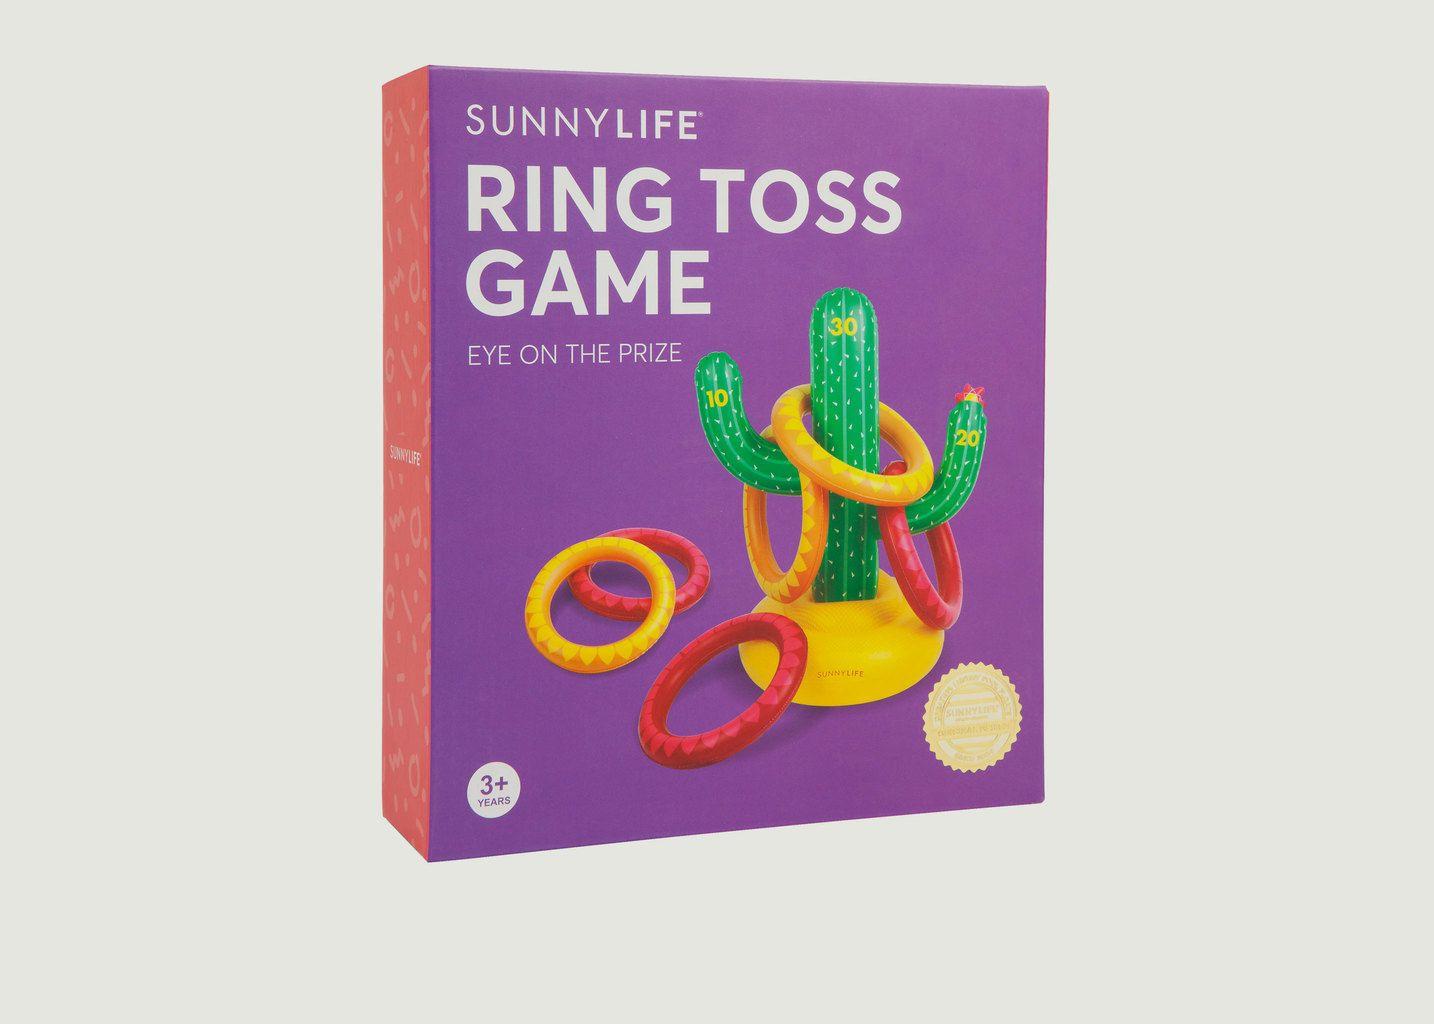 Jeu D'Anneaux Gonflable Cactus - Sunny Life